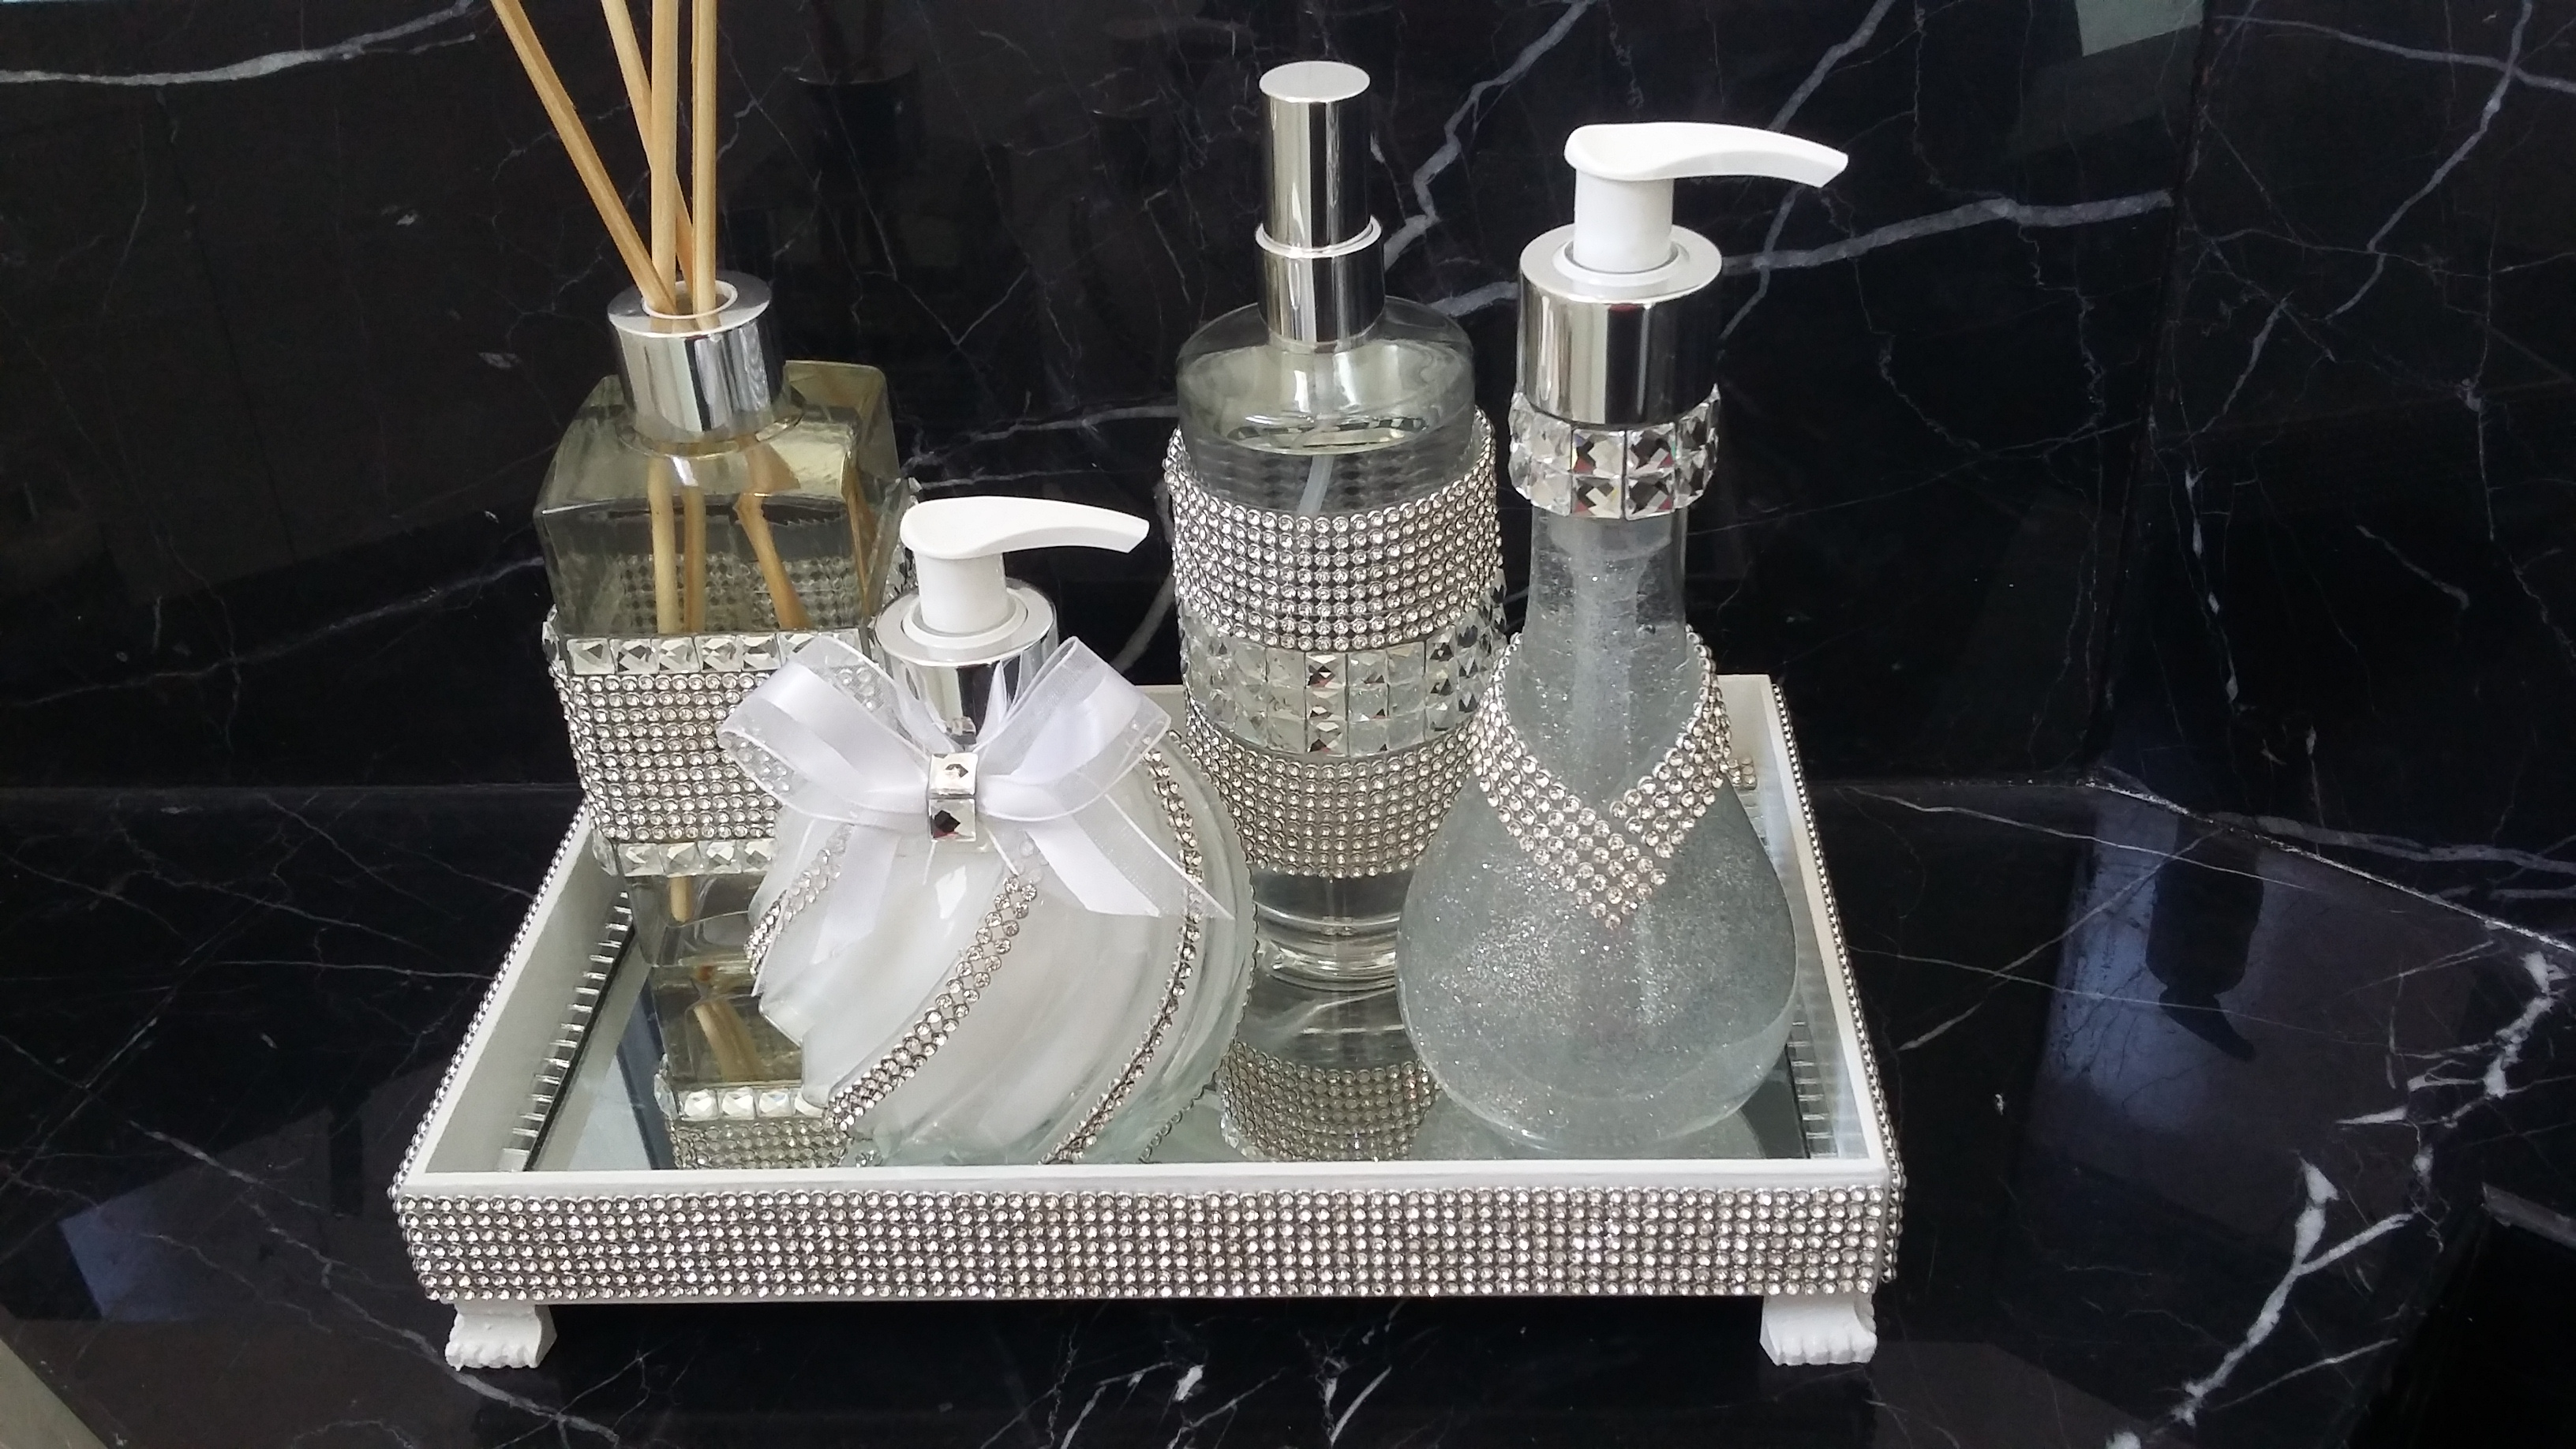 kit para banheiro lavabo sabonete kit para banheiro lavabo bandeja  #5B4E3C 3264 1836